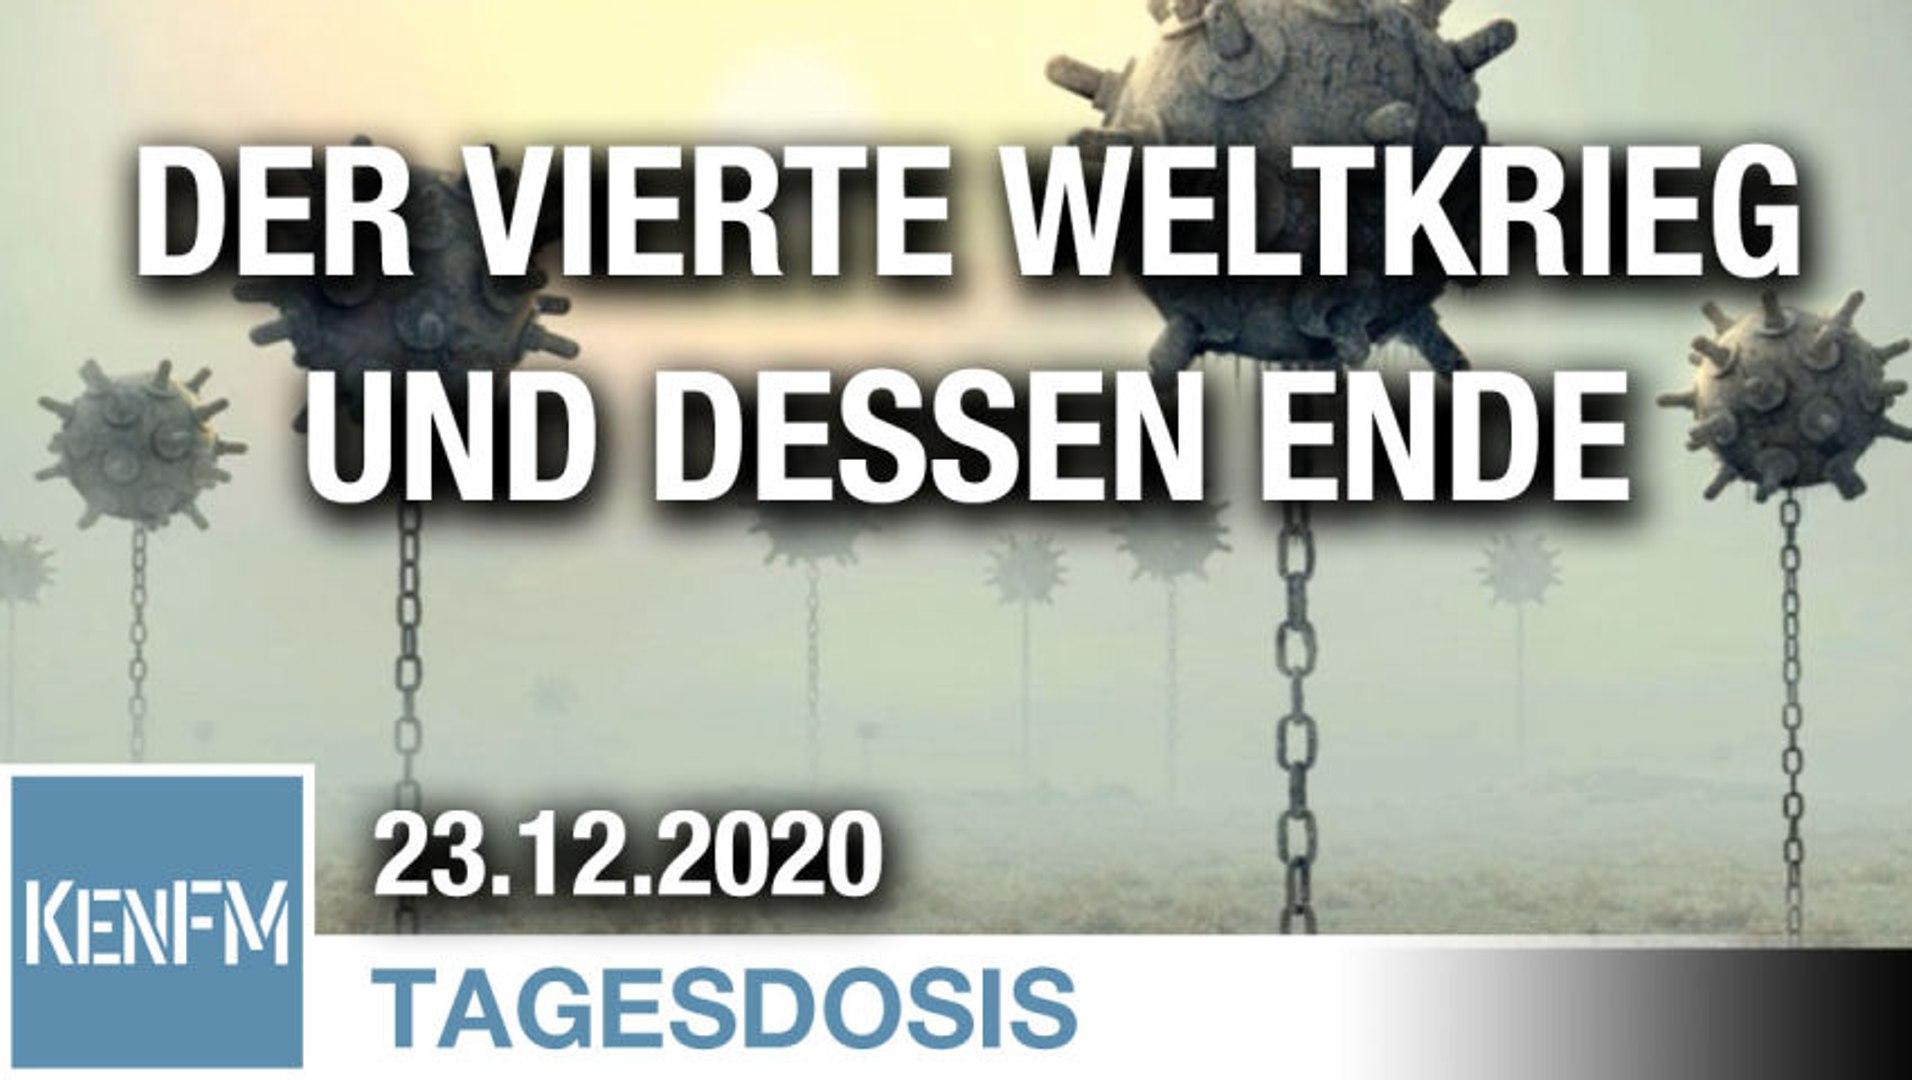 Der Vierte Weltkrieg und dessen Ende